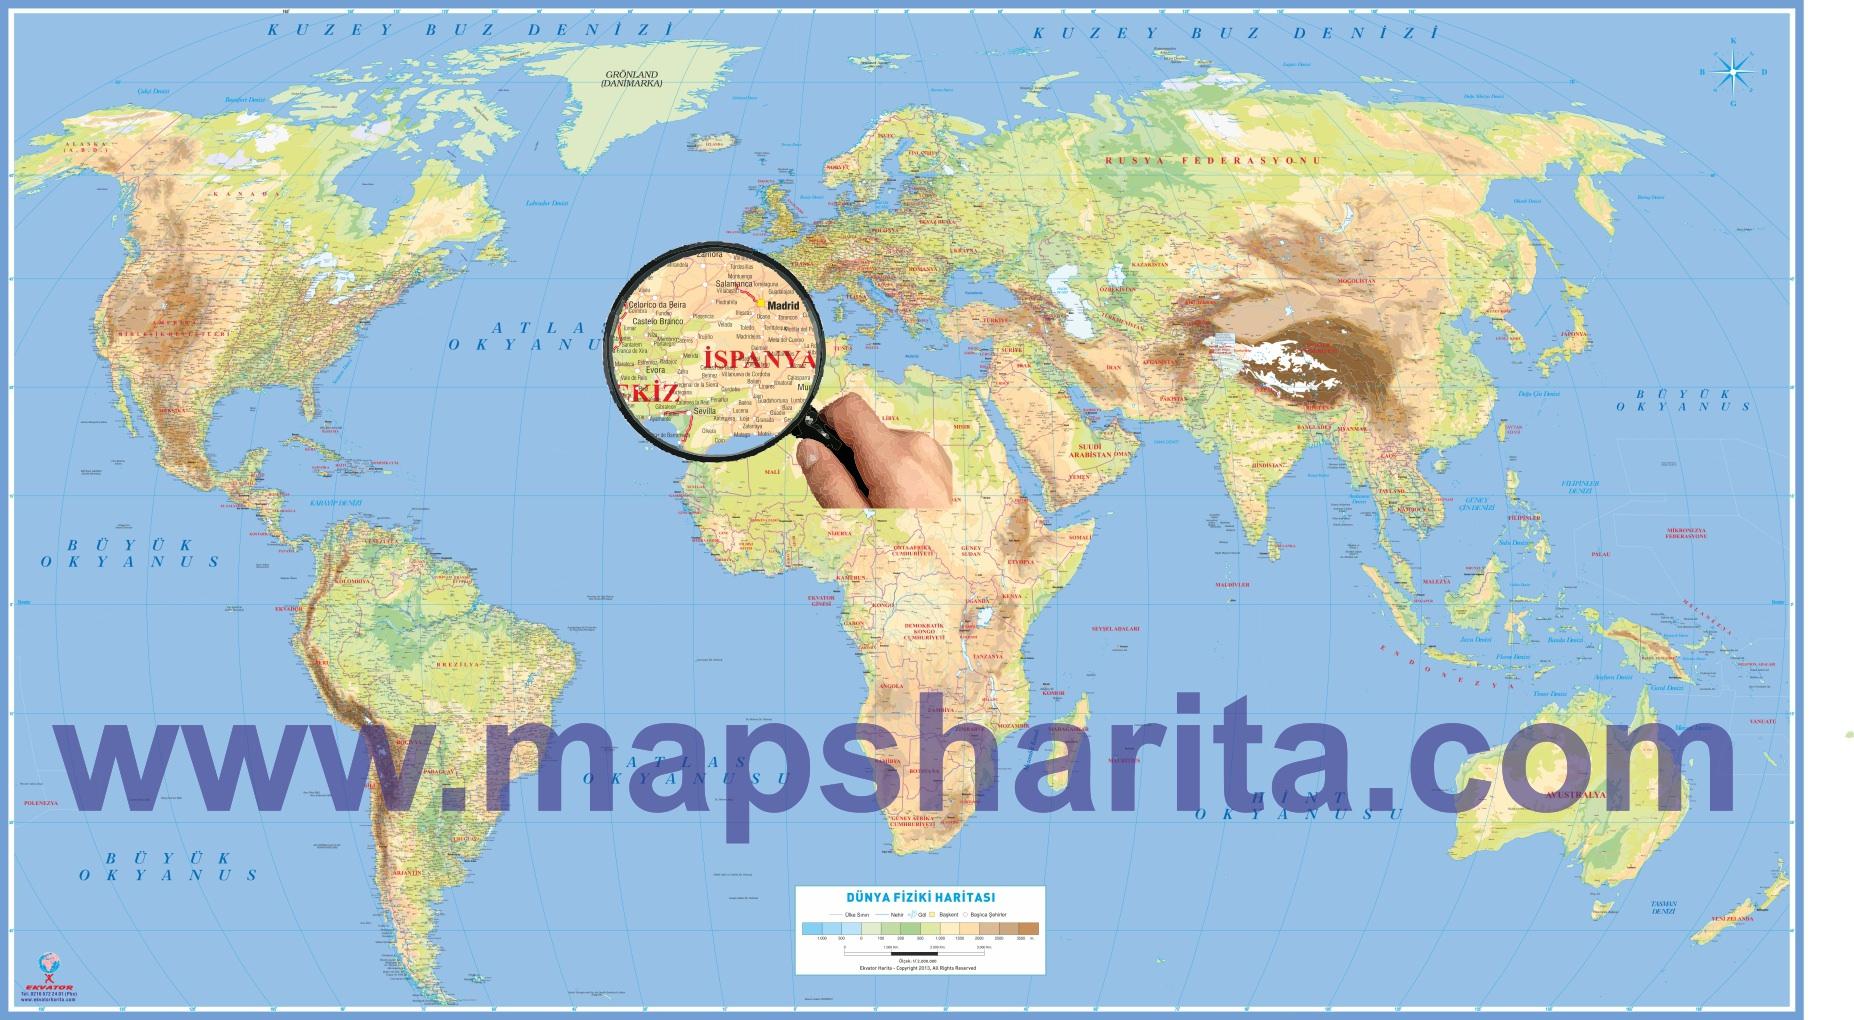 Dünya haritası türkçe nereden alınır fiziki dünya haritası